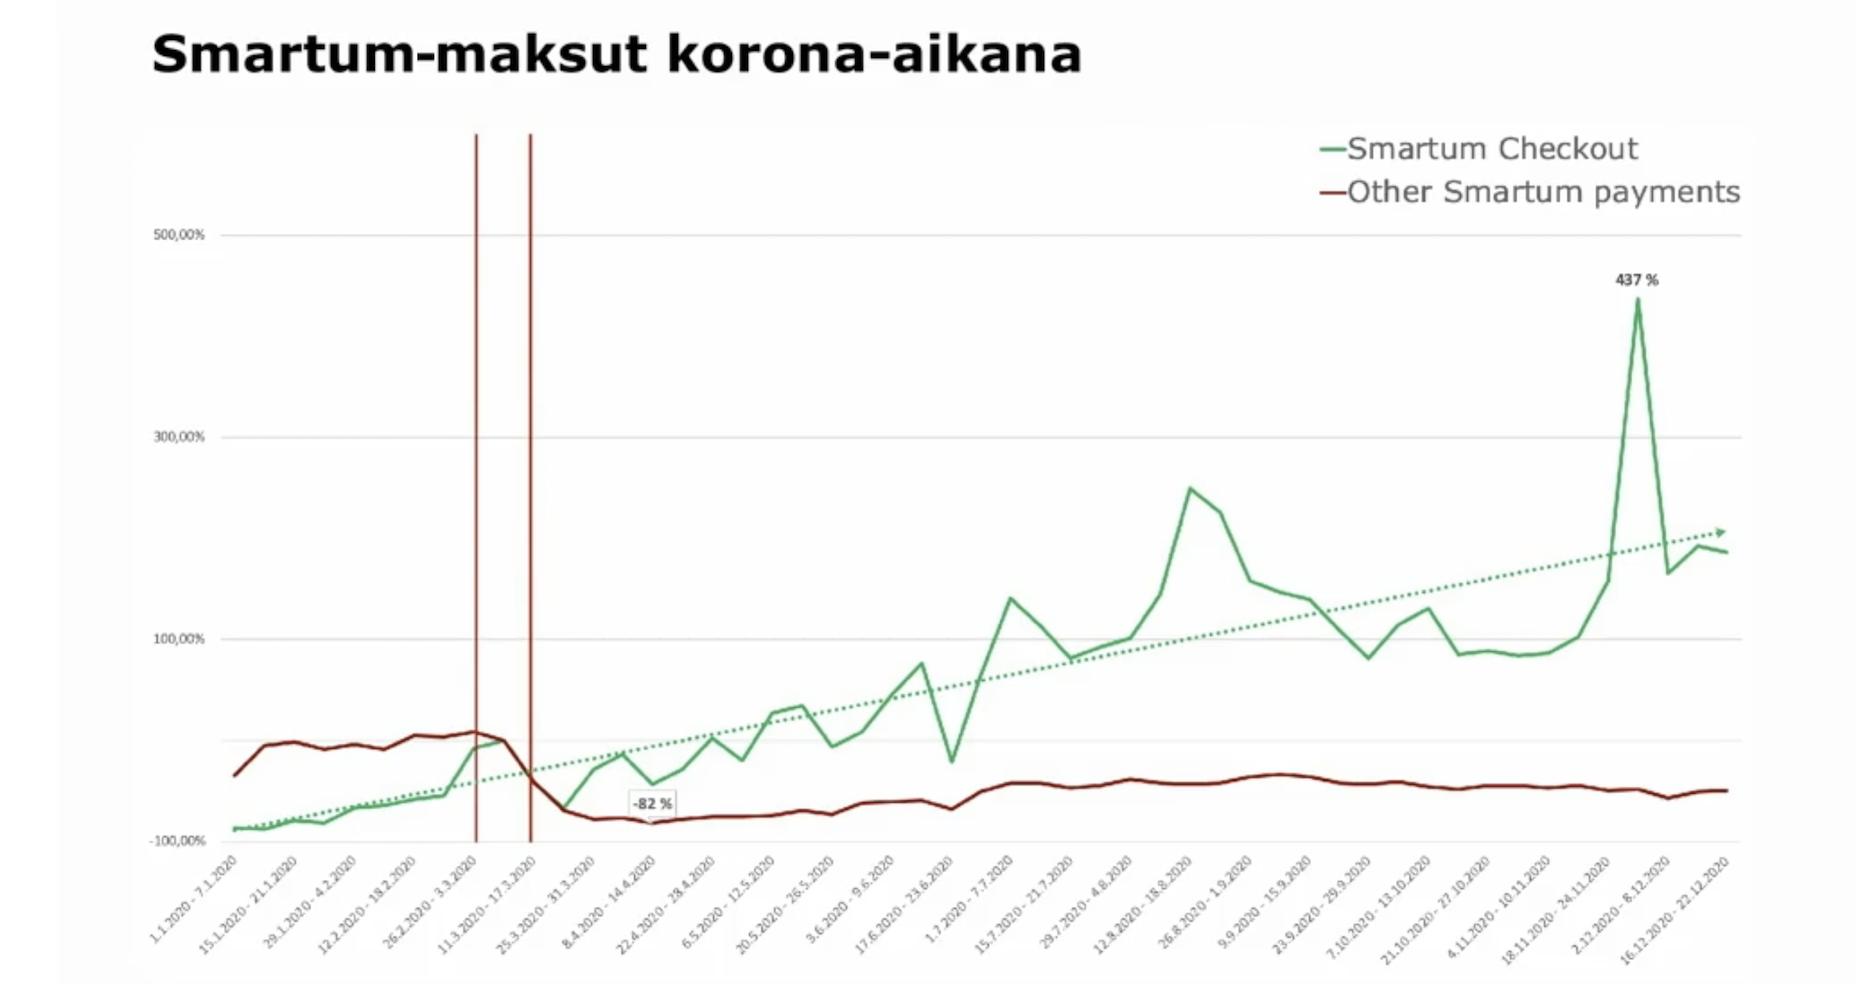 Maaliskuussa maksut laskivat, mutta verkkomaksaminen lähti nopeasti nousuun. Marraskuussa myynneissä oli iso piikki.